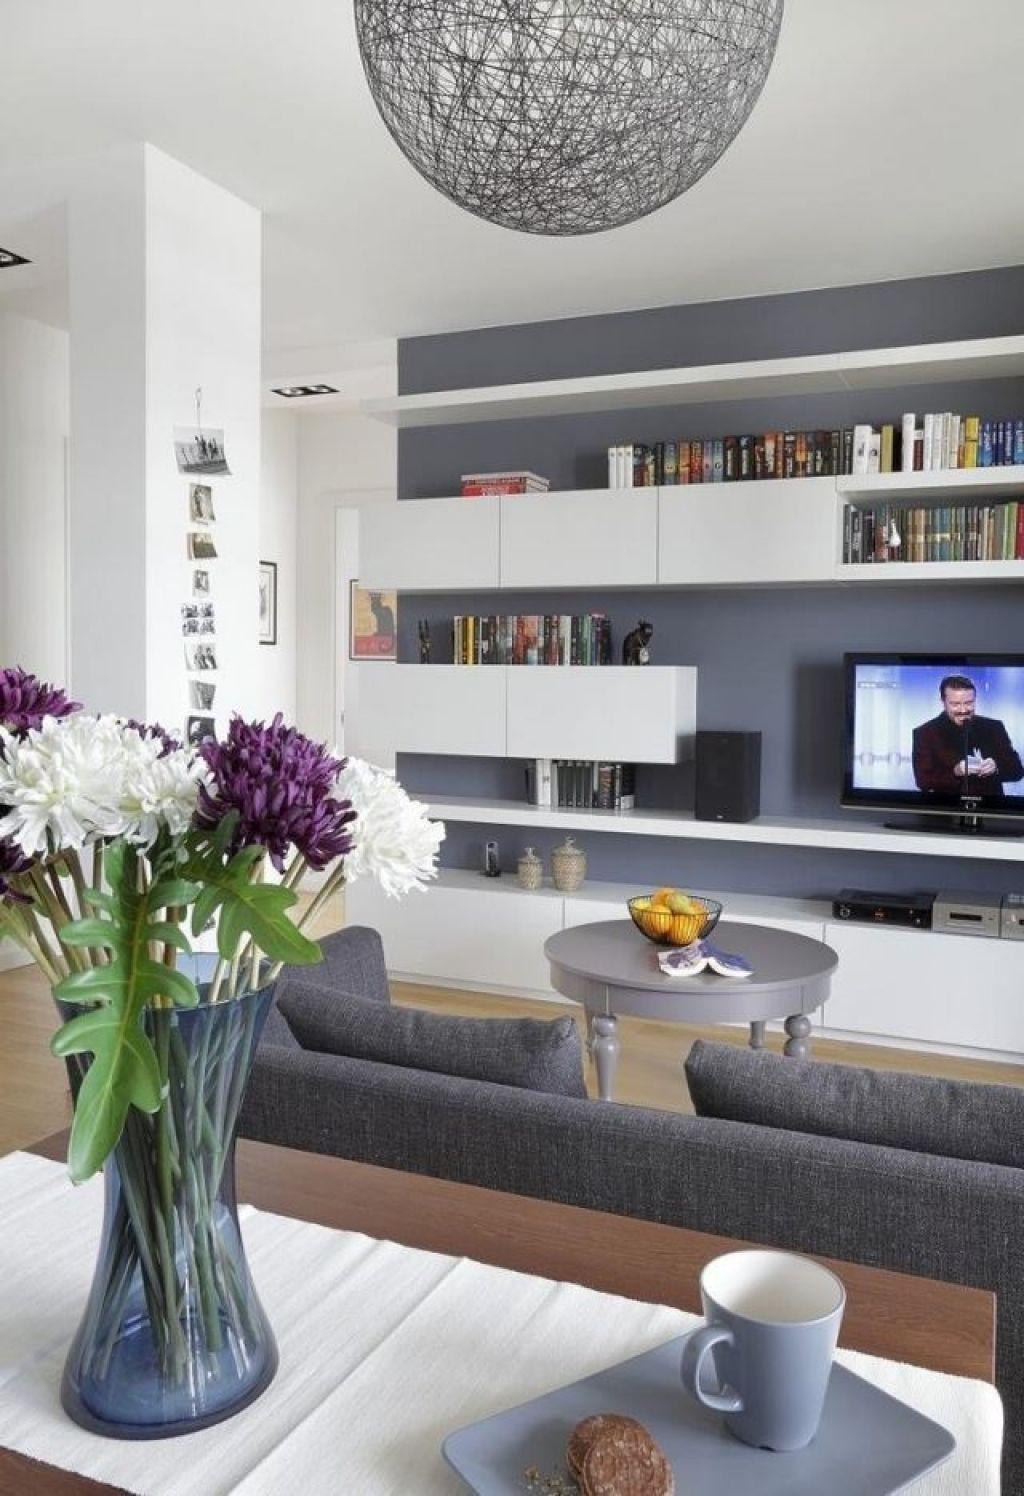 Ideen Wohnzimmer Streichen Graue Wandfarbe Wei E Regale Modern ... Wohnzimmer Streichen Grau Ideen